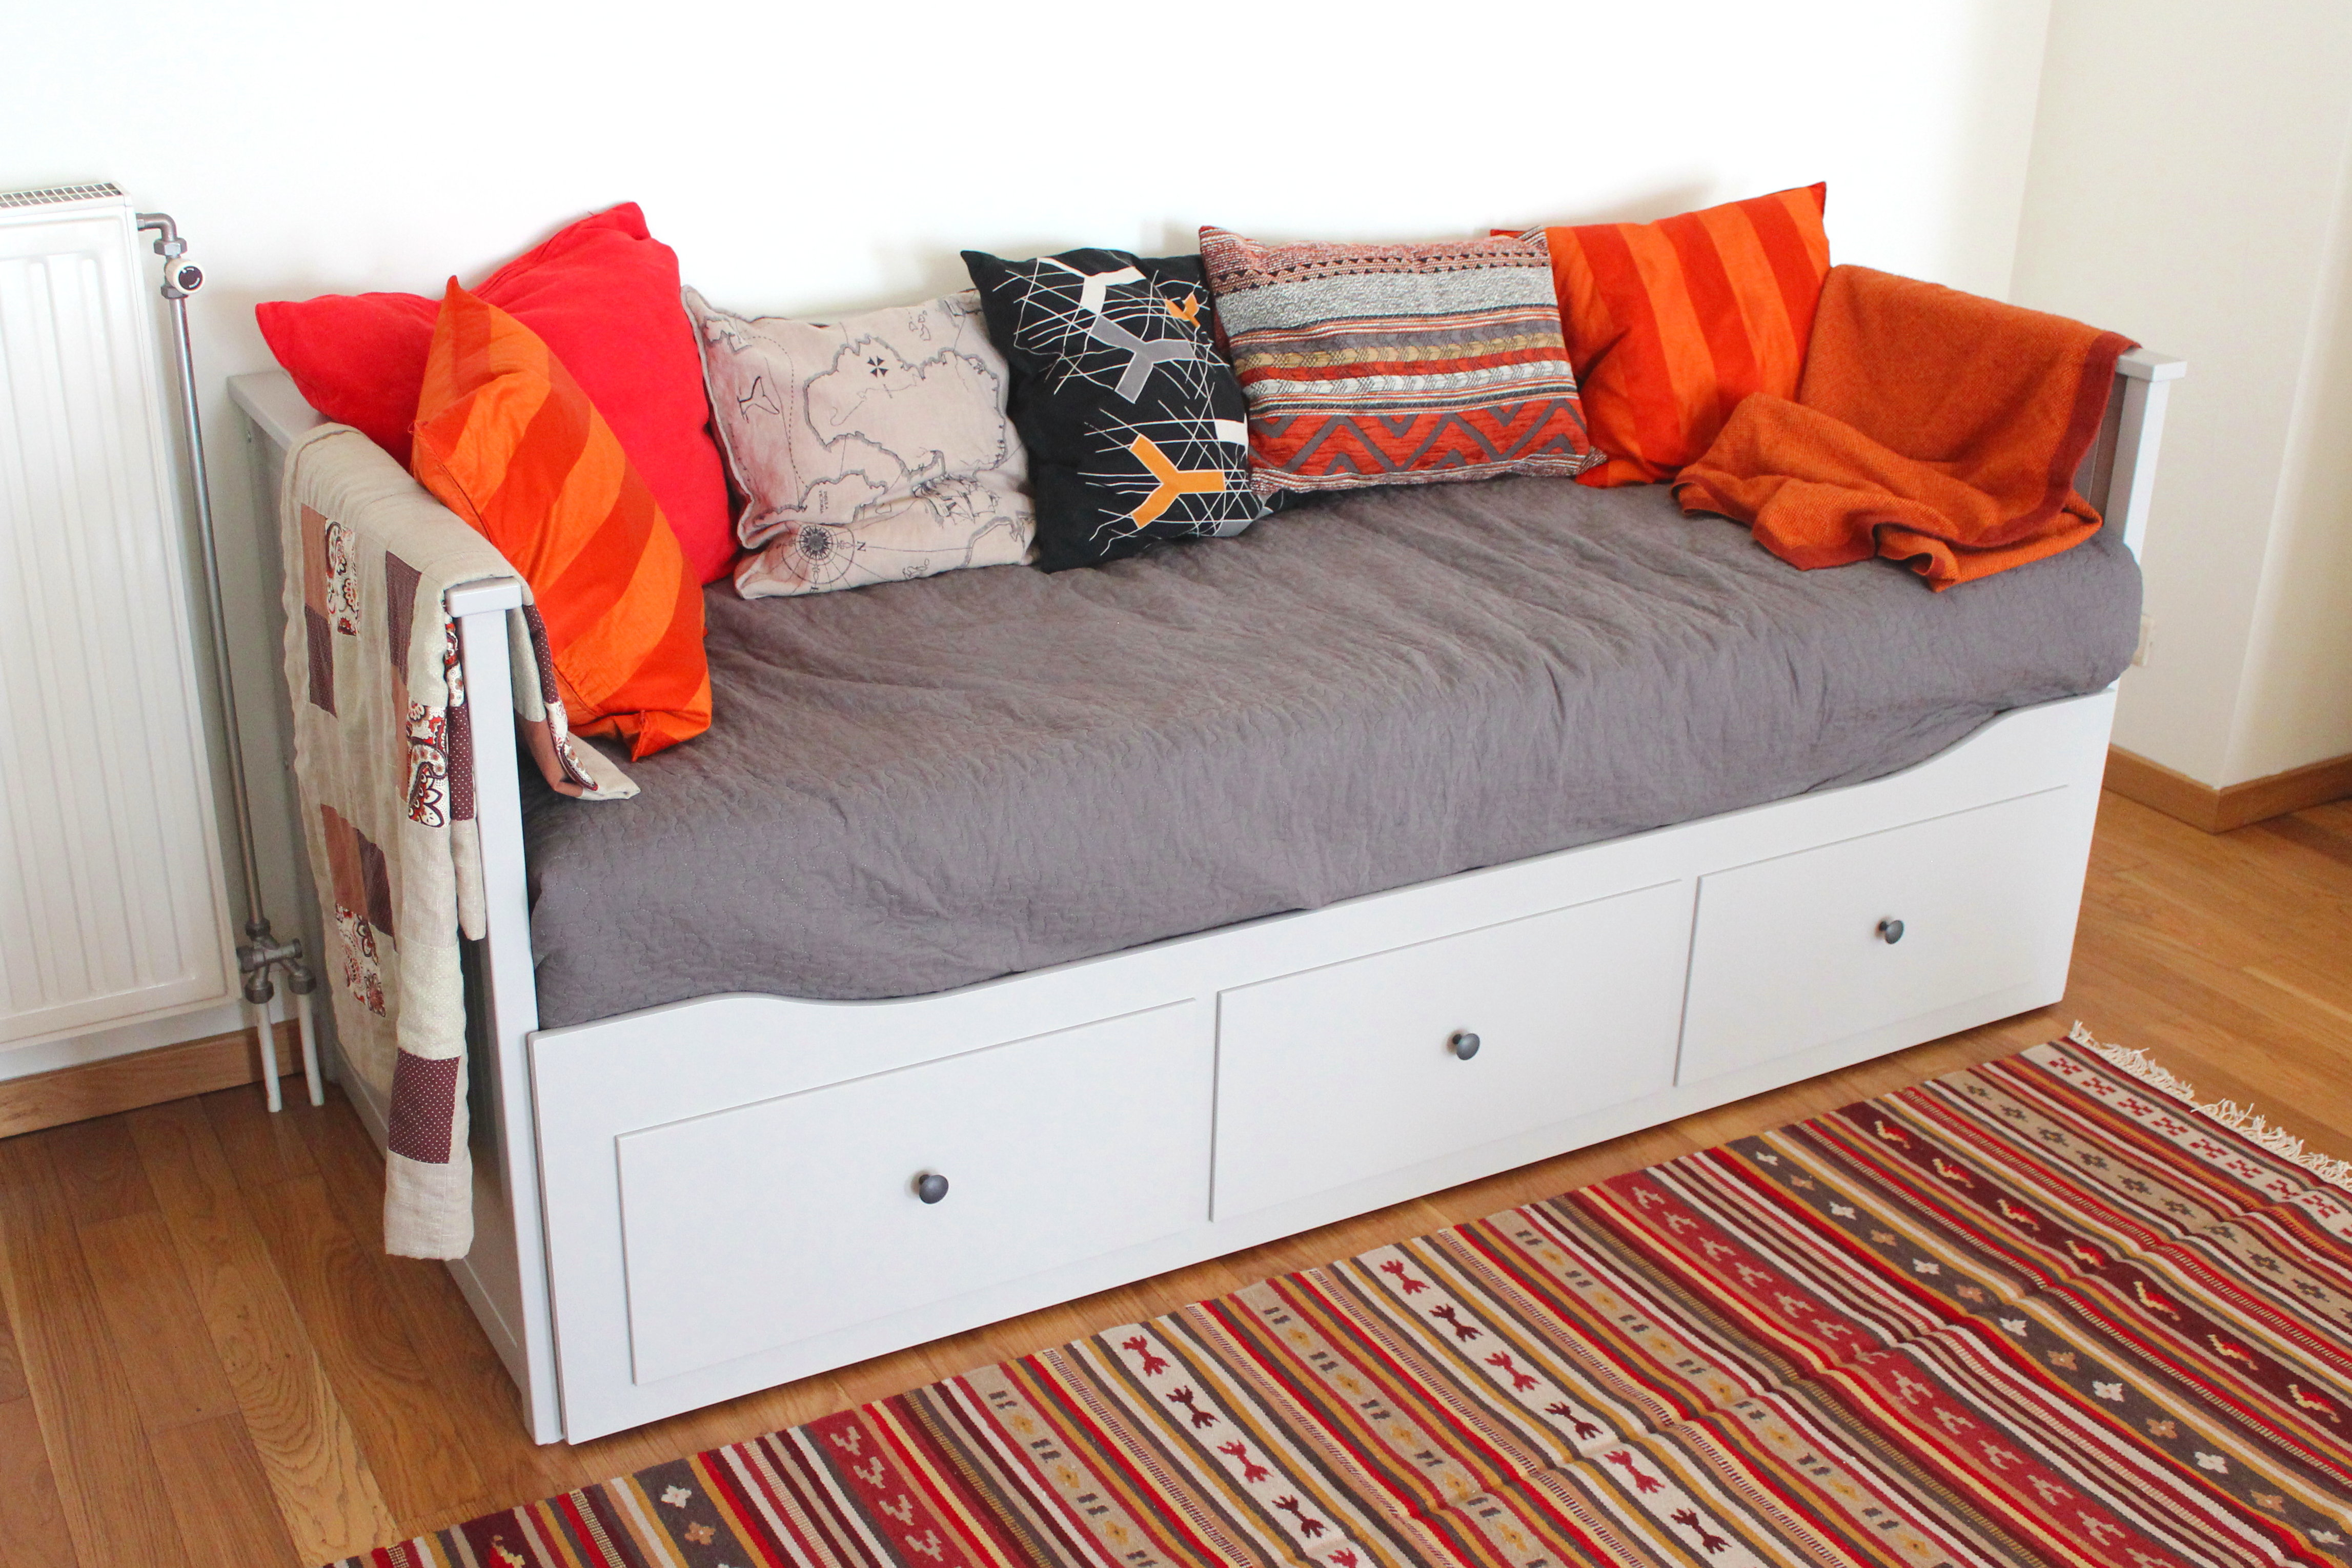 IKEA Hemnes sohvasänky ja Kattrup-matto